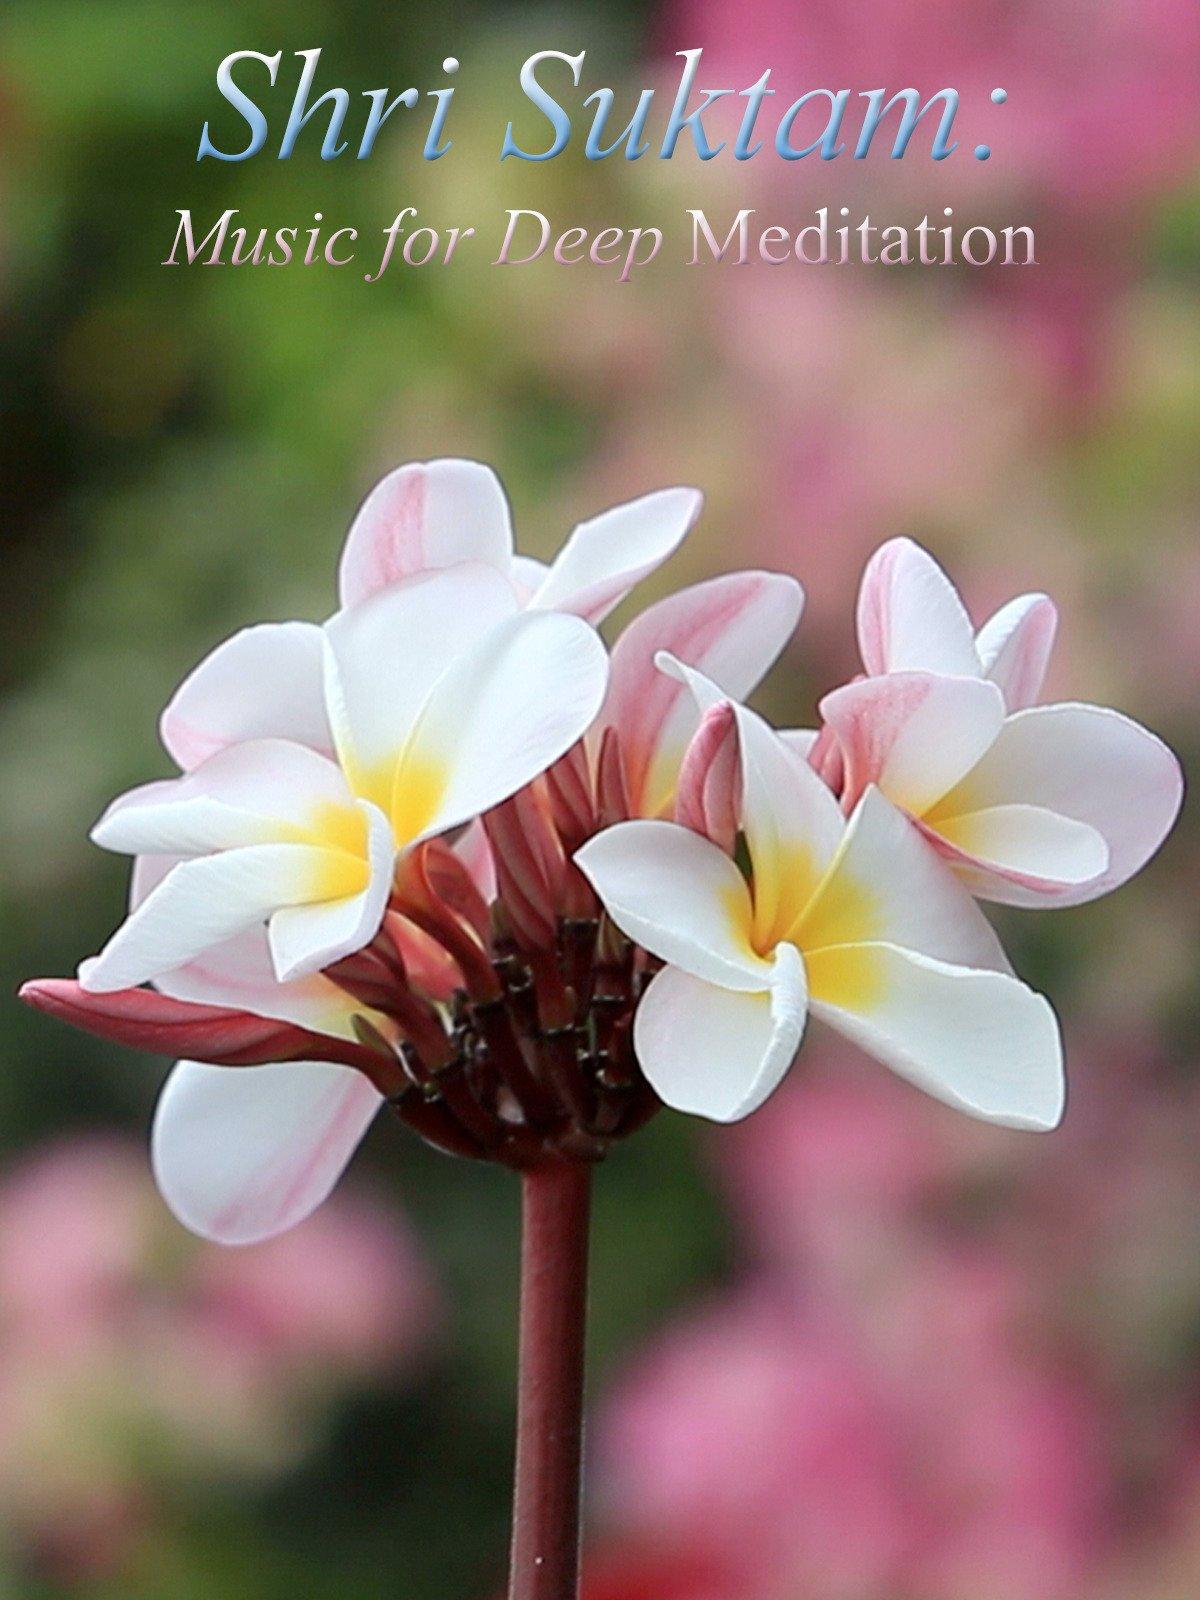 Shri Suktam: Music for Deep Meditation